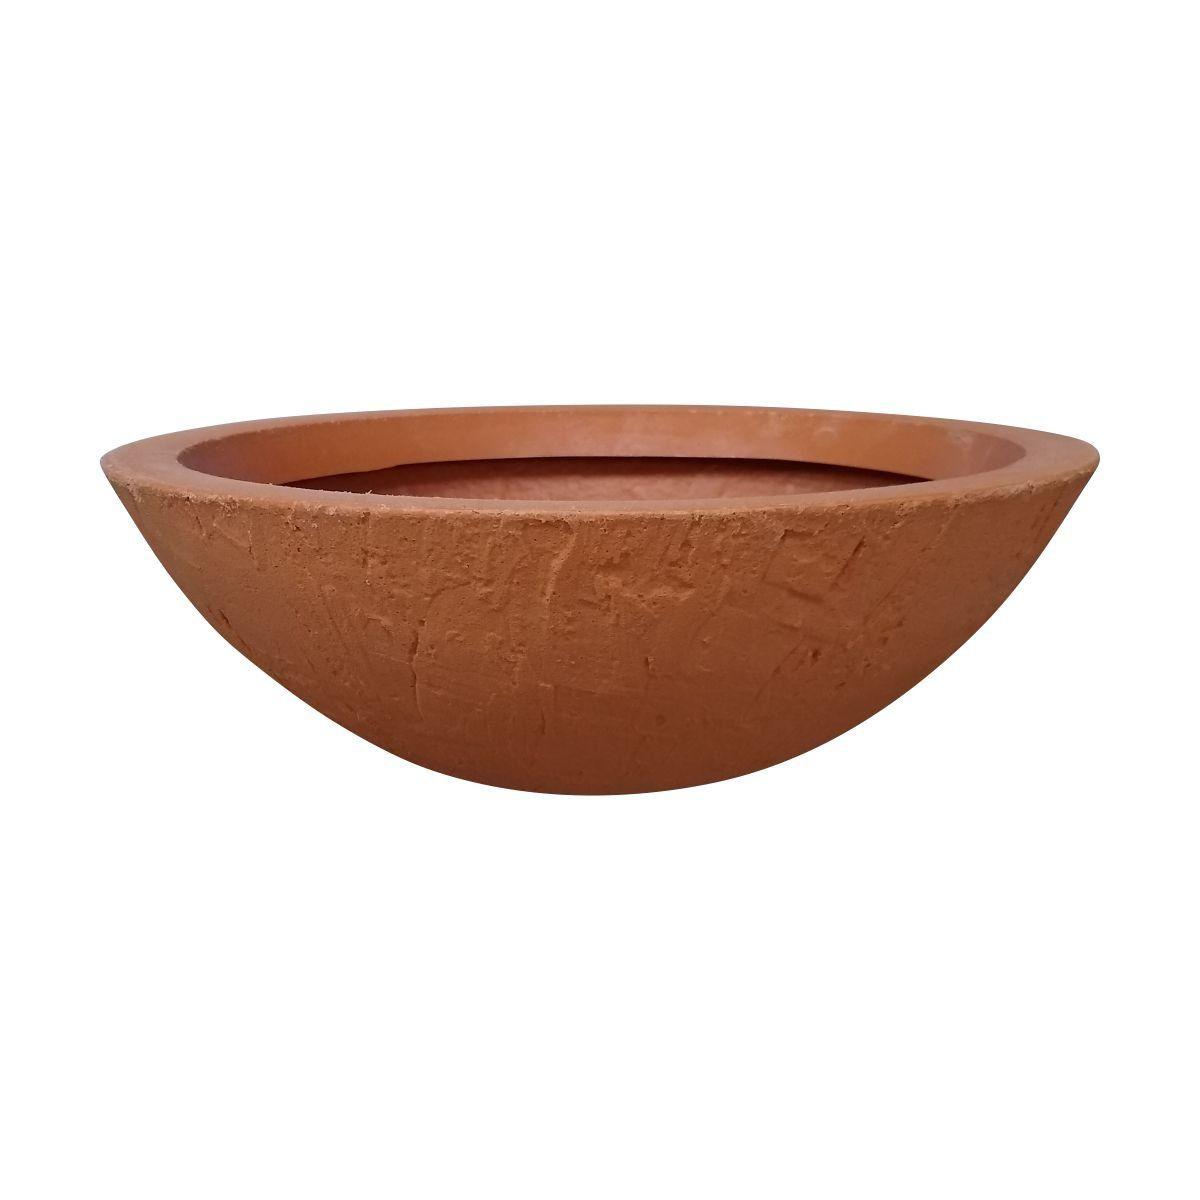 Vaso Bacia Rústica Pequeno cor Terracota 12cm x 35cm - 6722